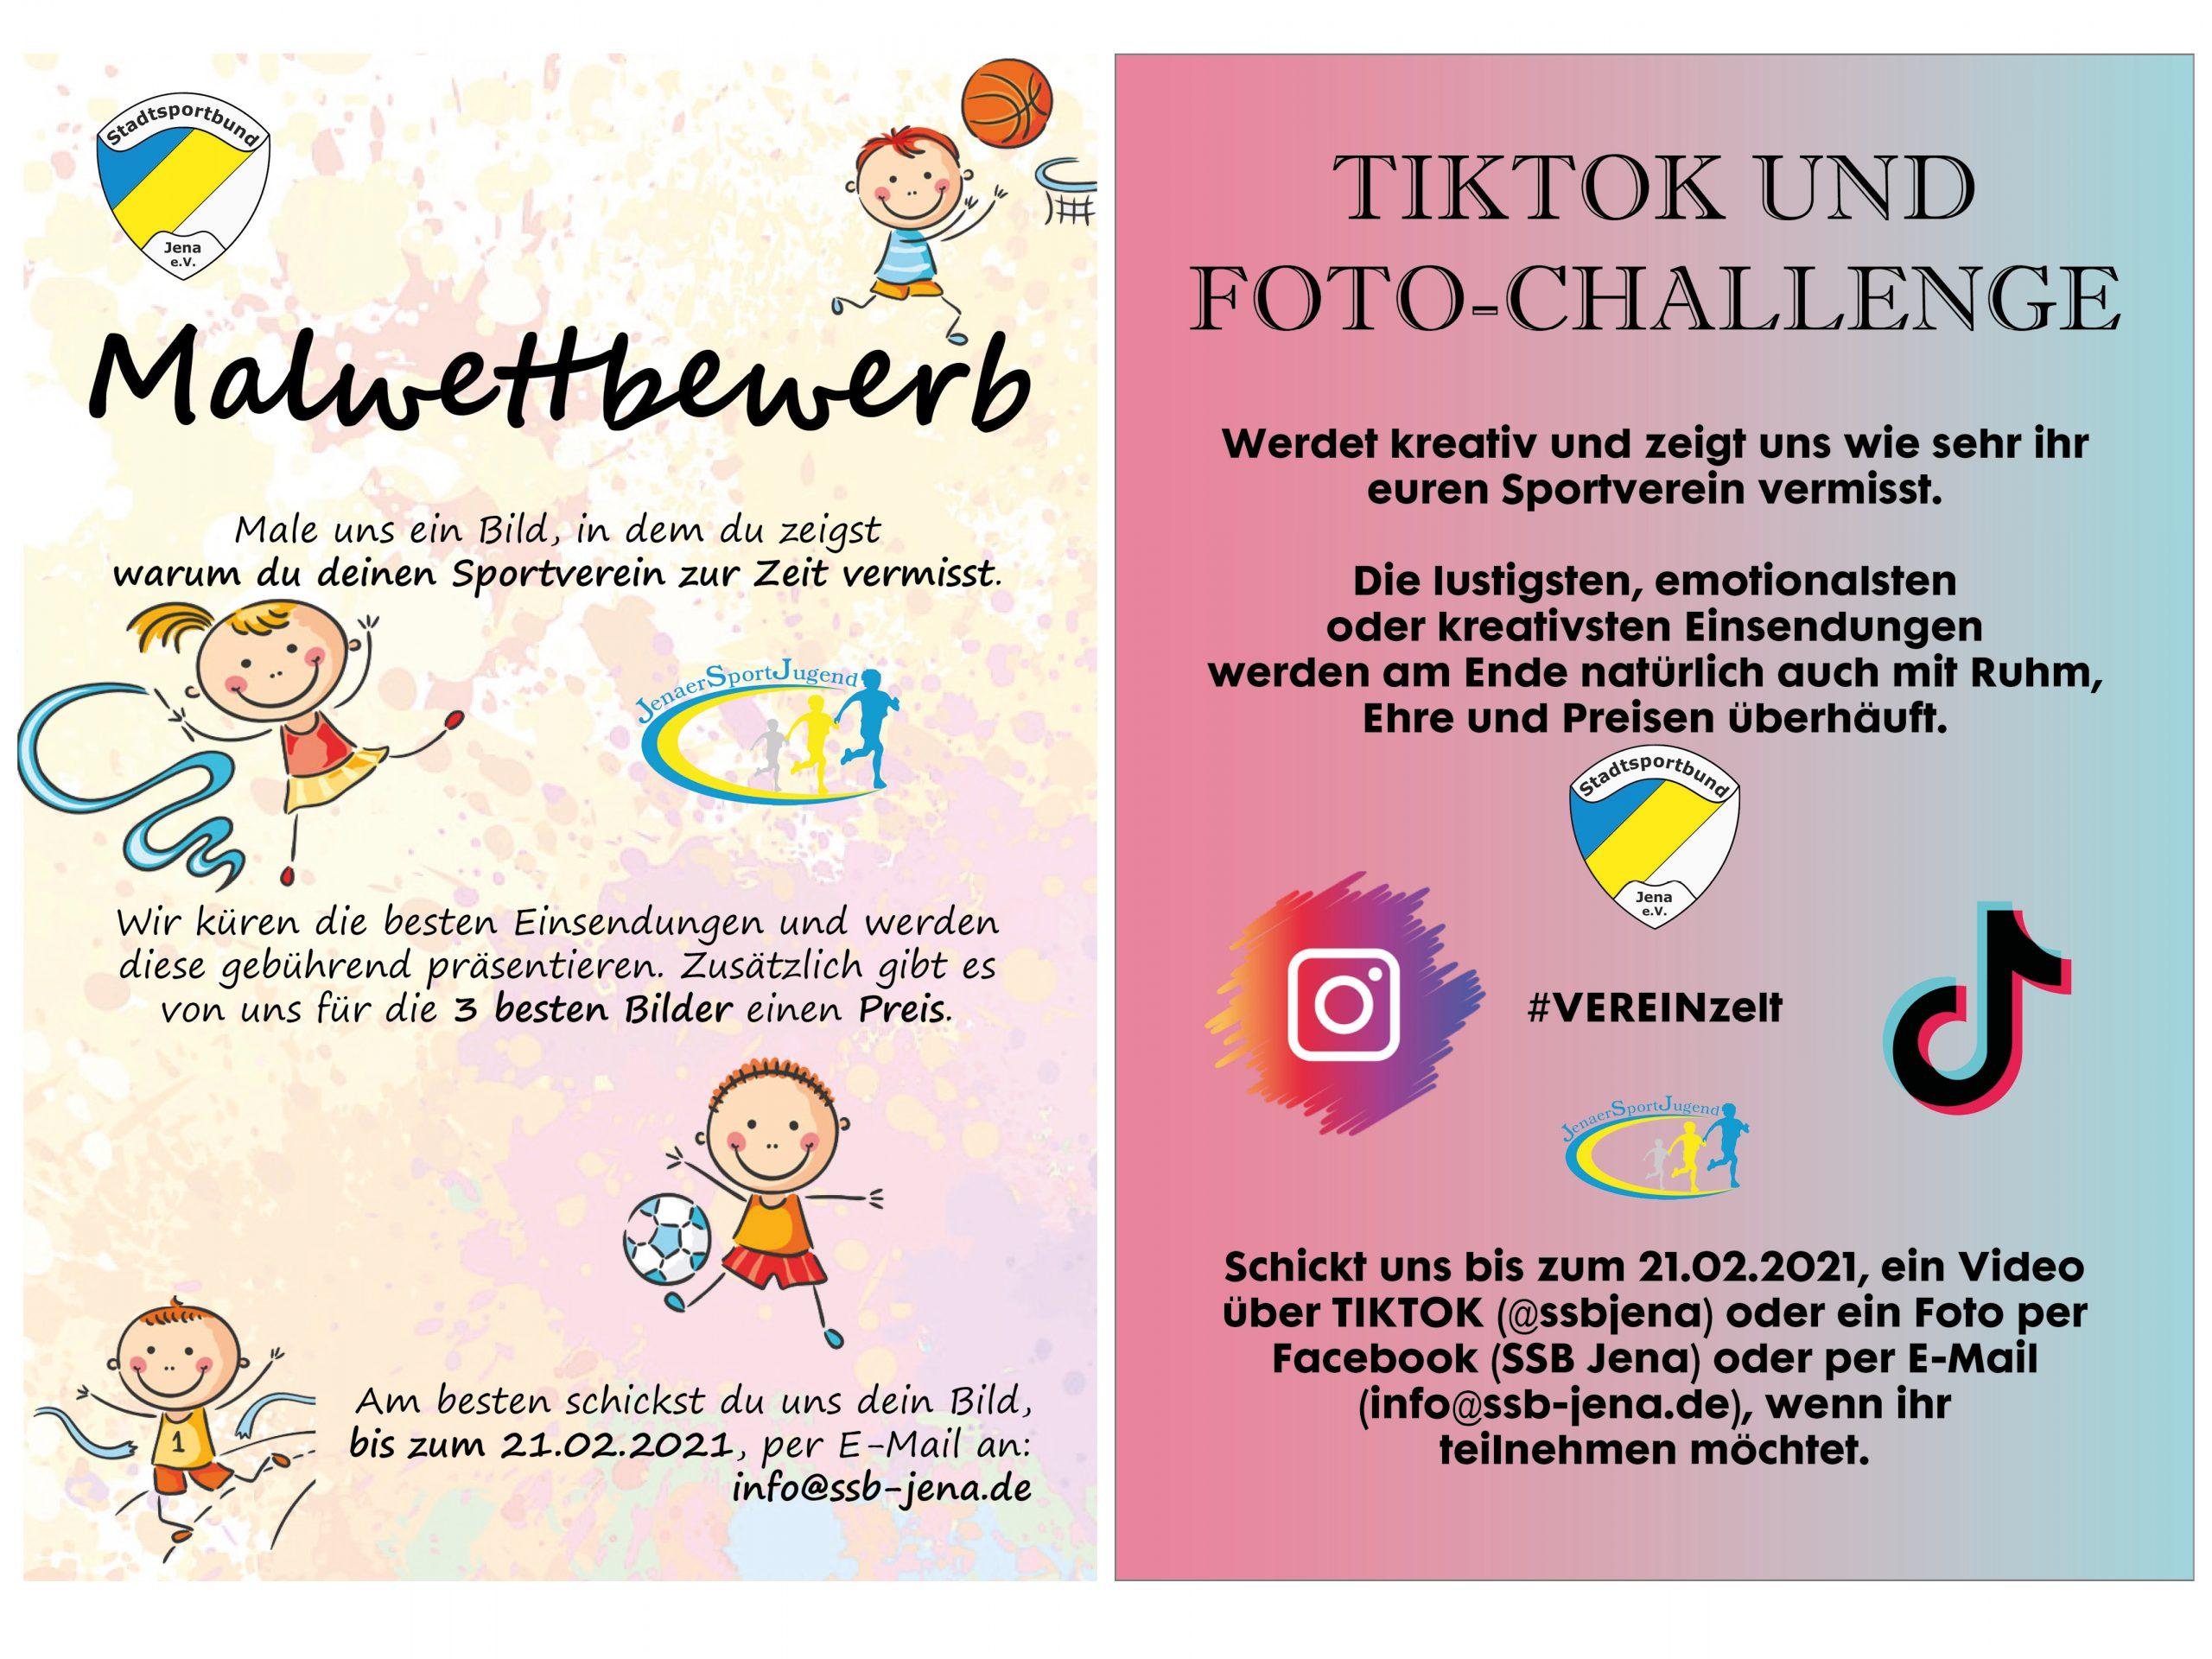 Malwettbewerb und TIKTOK/Foto-Challenge